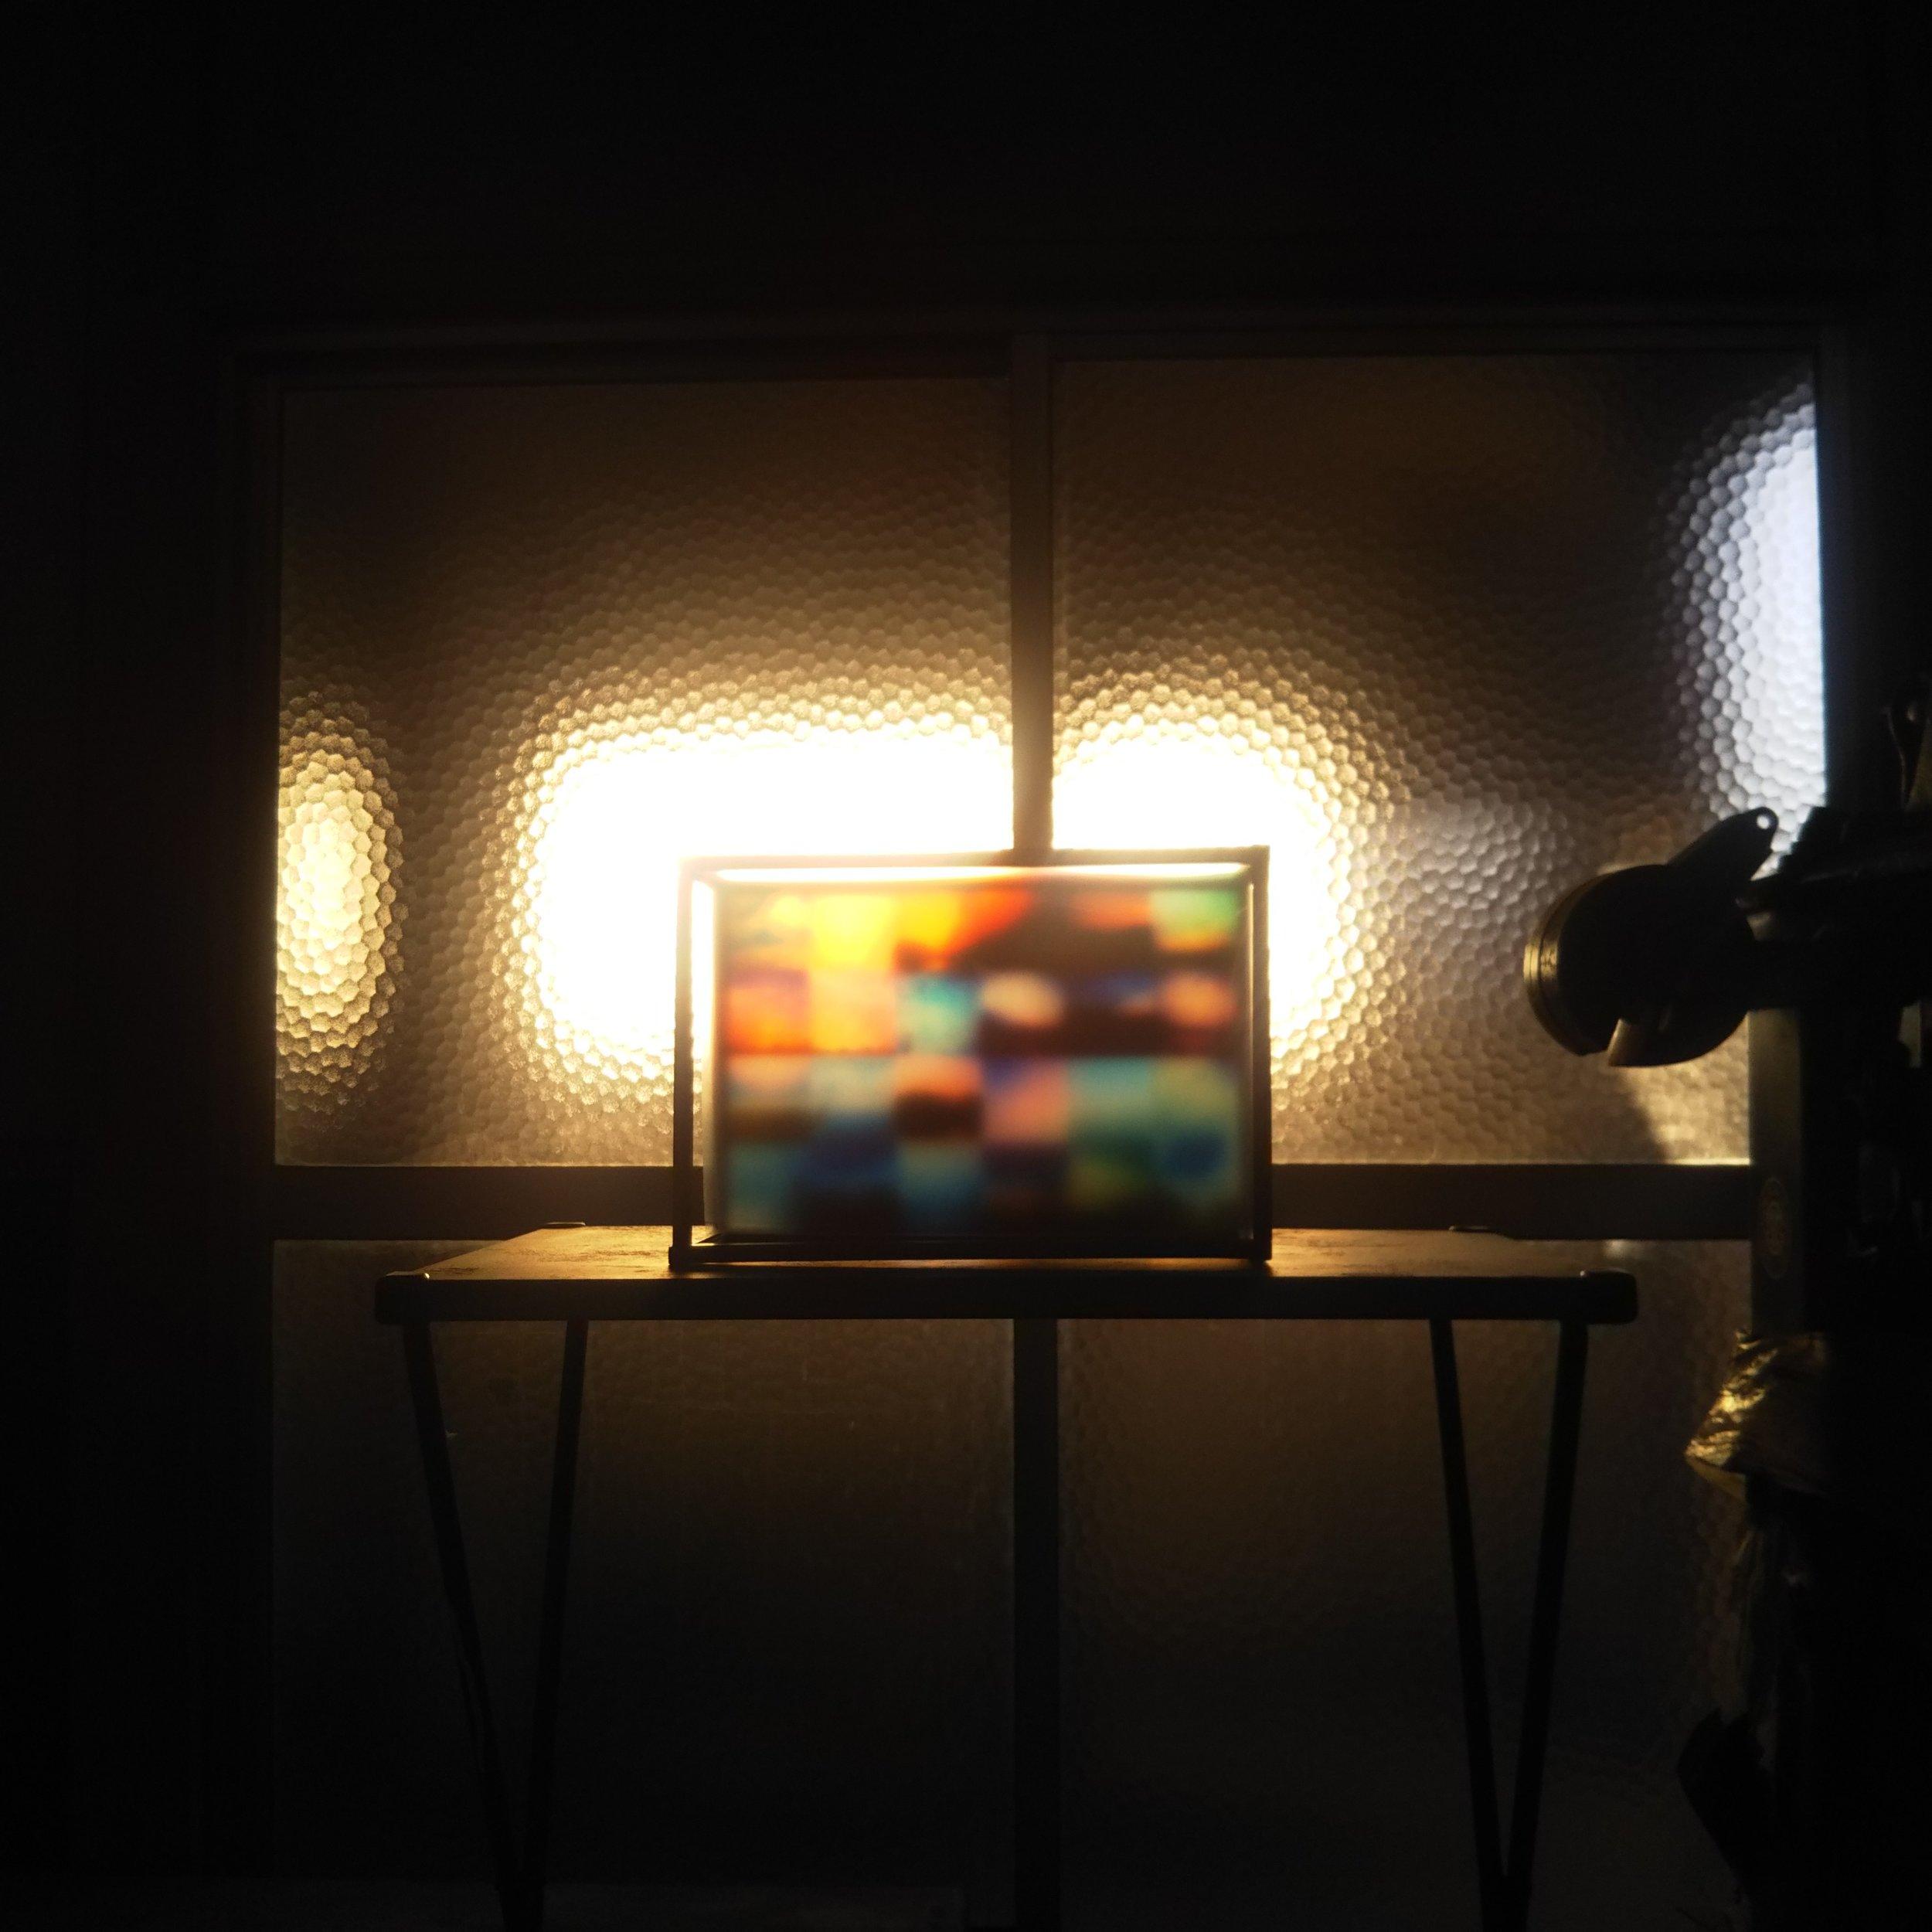 大島毛織にて展示された大澤未来さんの作品